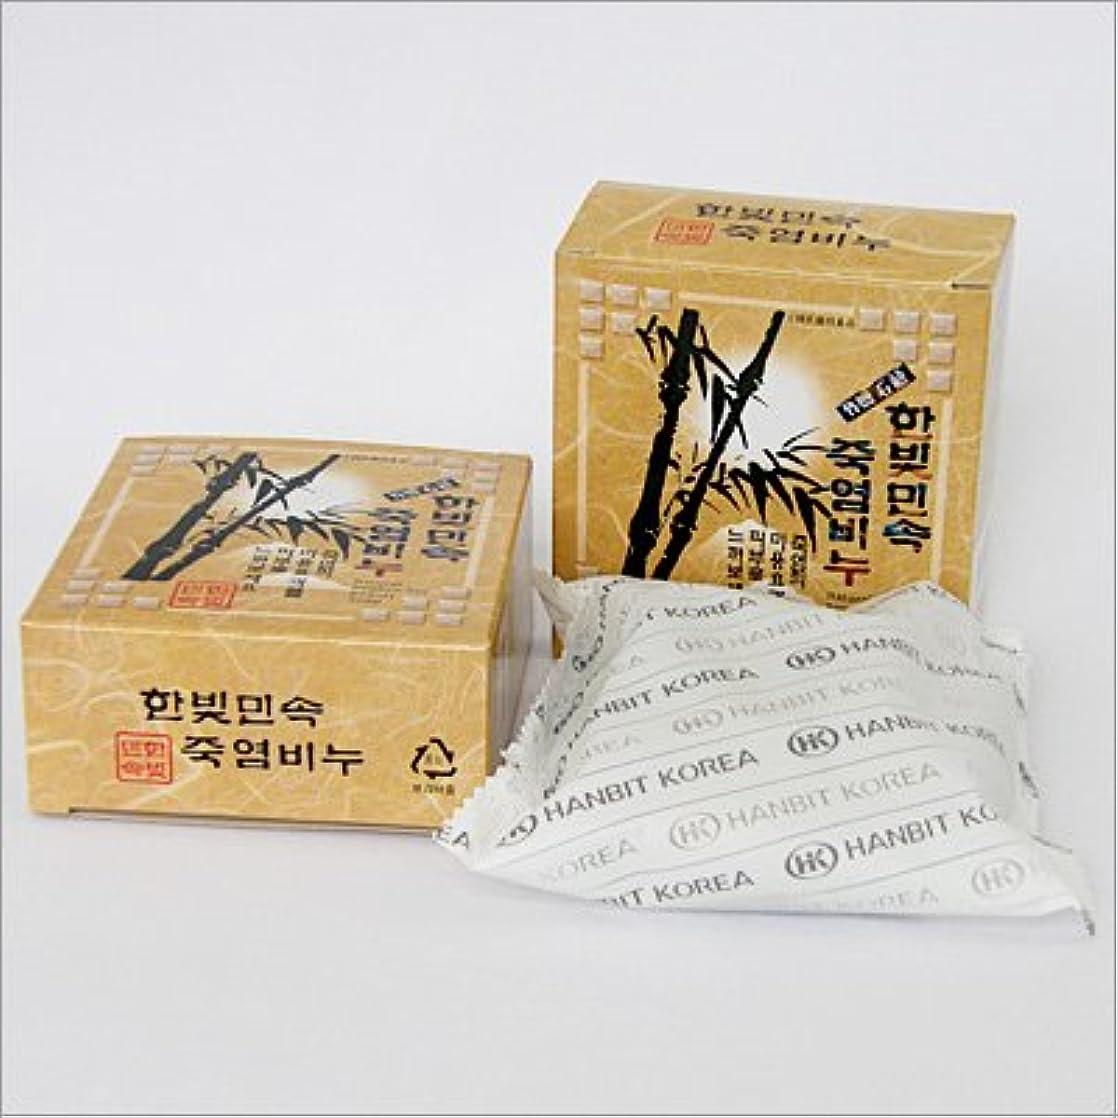 傾向があるグロー民間人(韓国ブランド) 韓国直輸入』竹塩石鹸(3個×5セット)